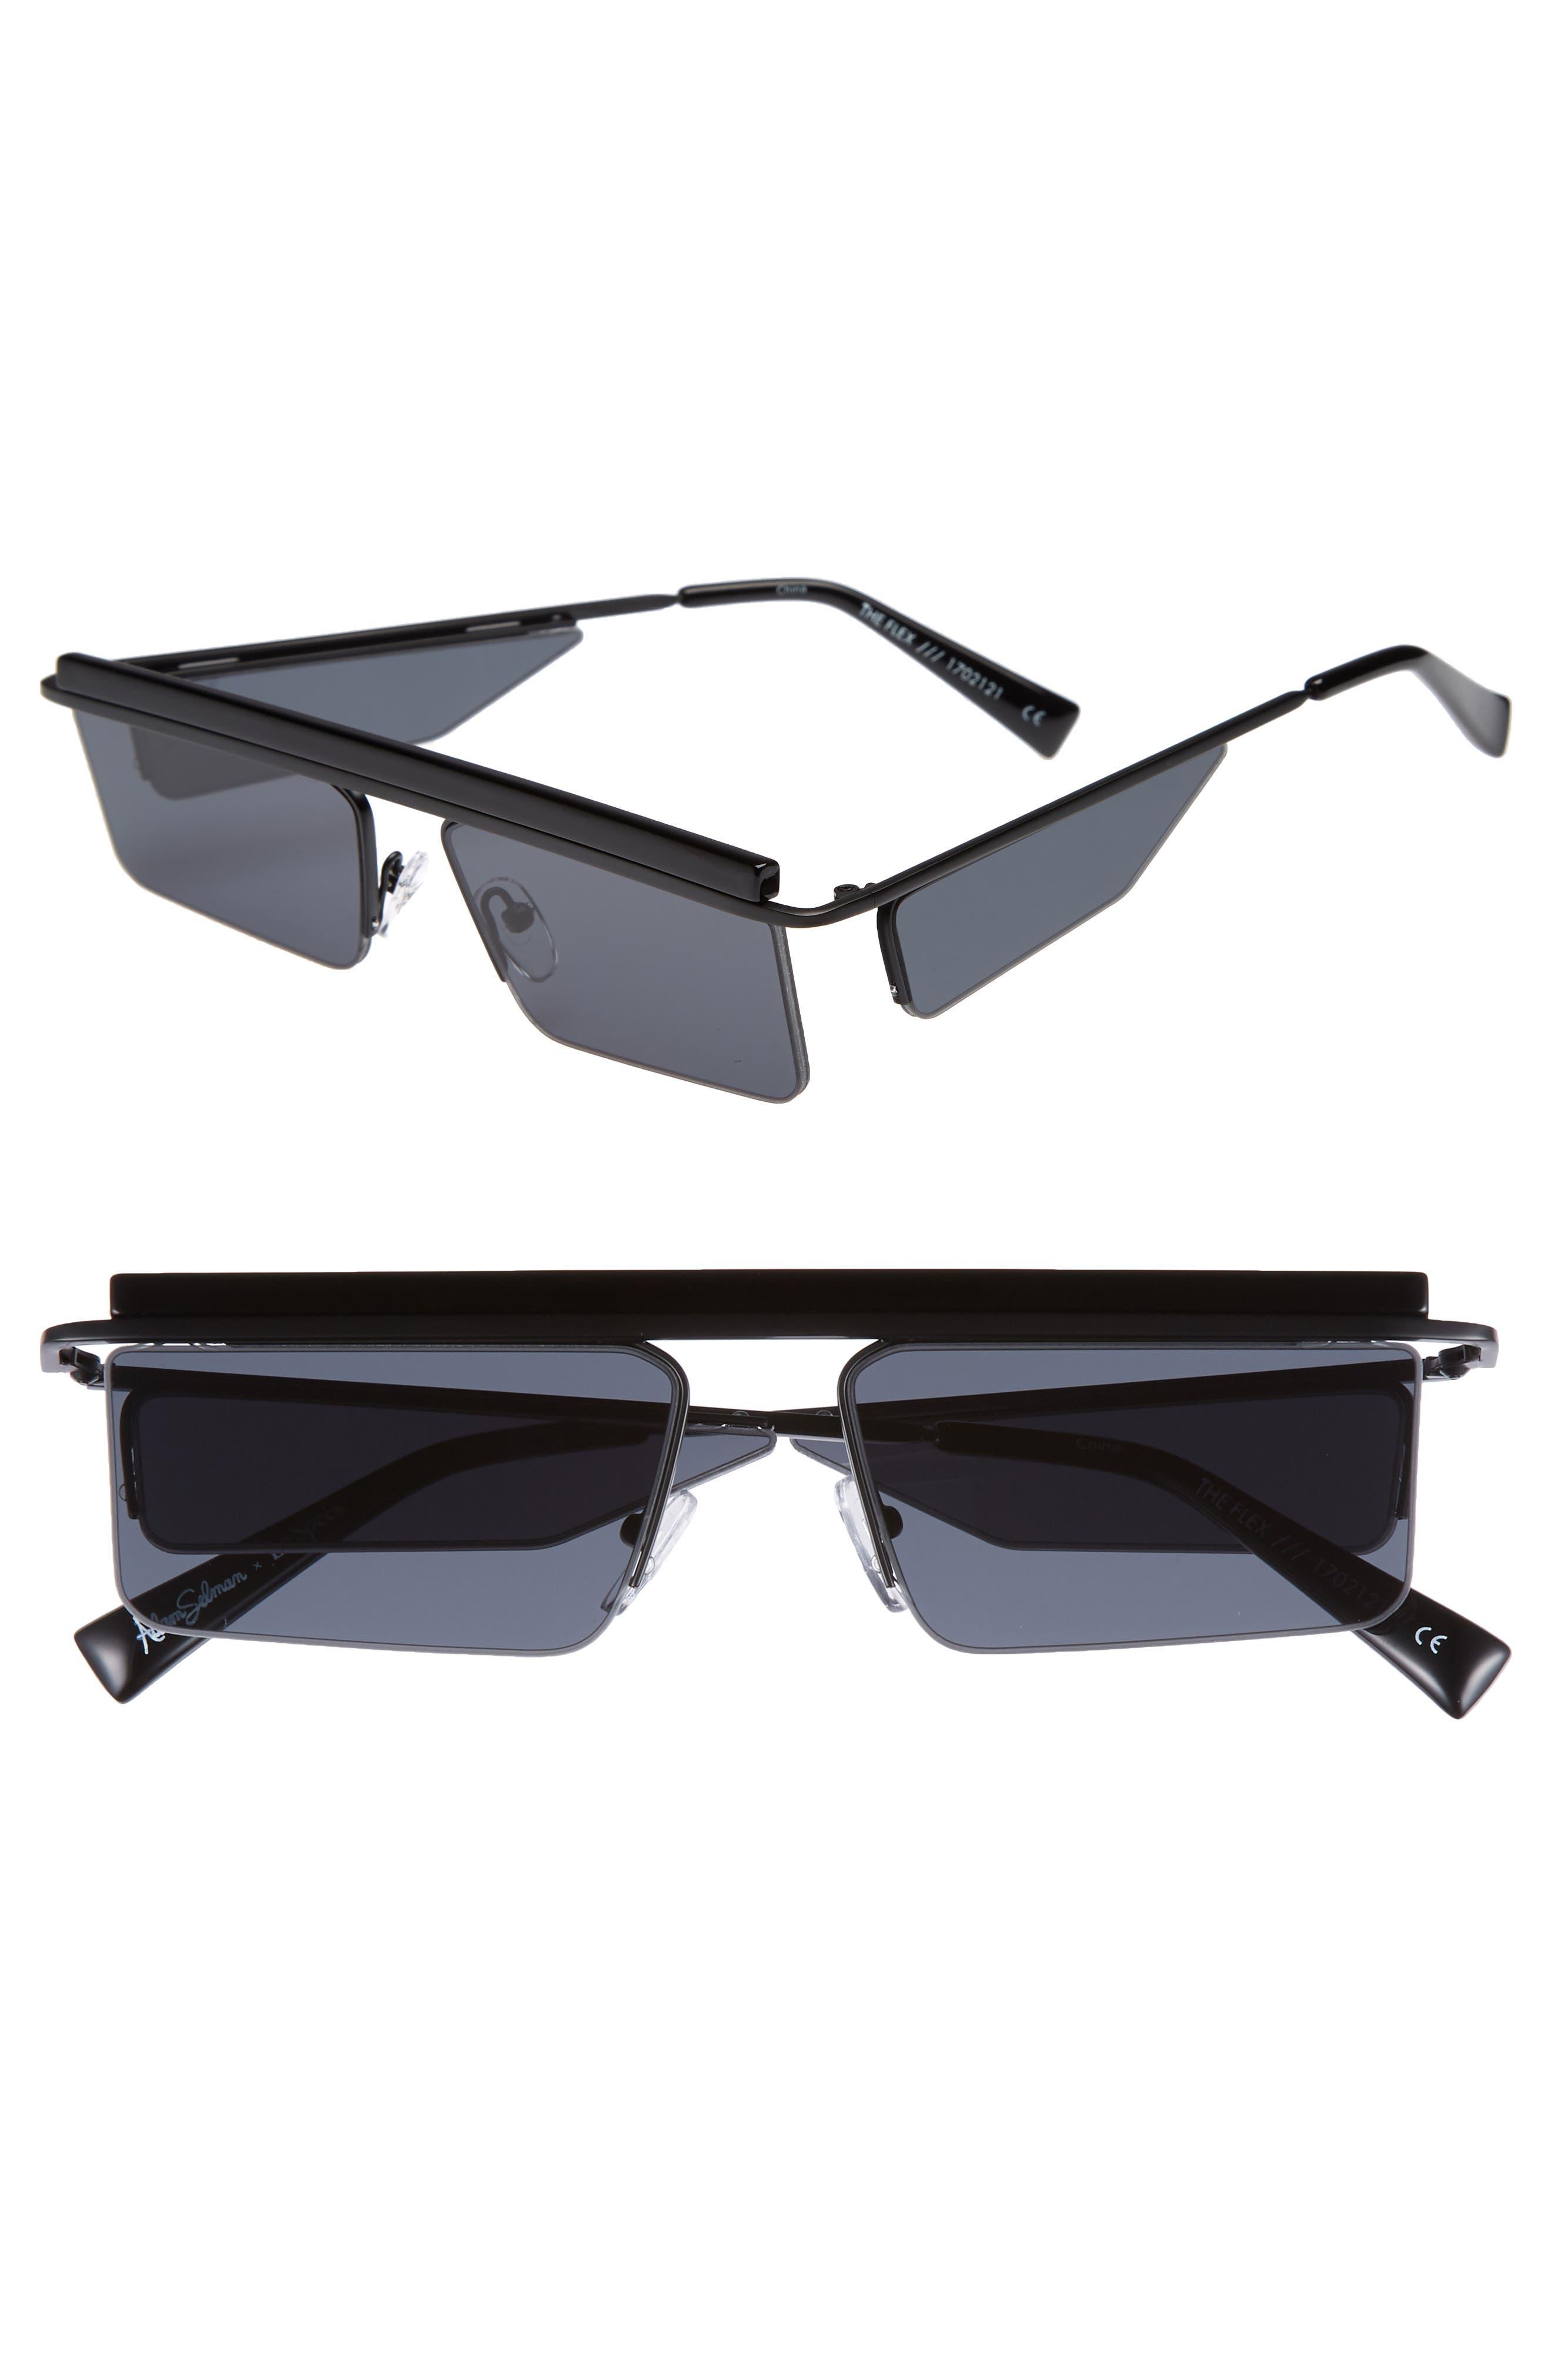 Adam Selman X Le Specs Luxe The Flex 55Mm Semi Rimless Sunglasses - Satin Black